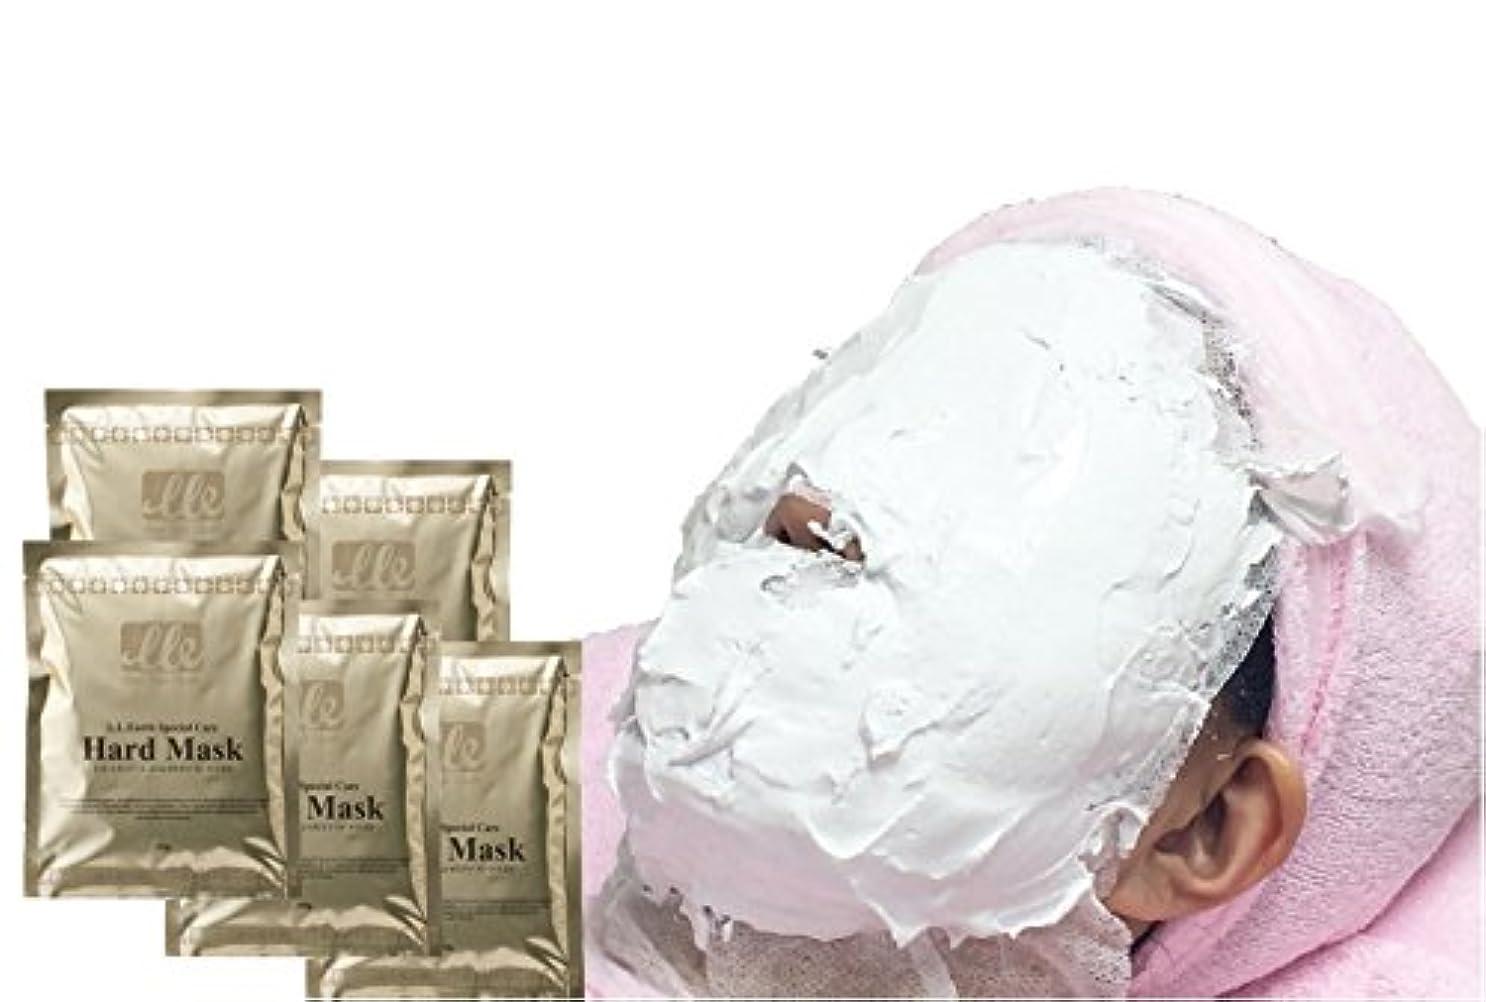 隠思想収まる石膏パック 「Hard Mask」5回分(250g×5袋)/ エステ業務用